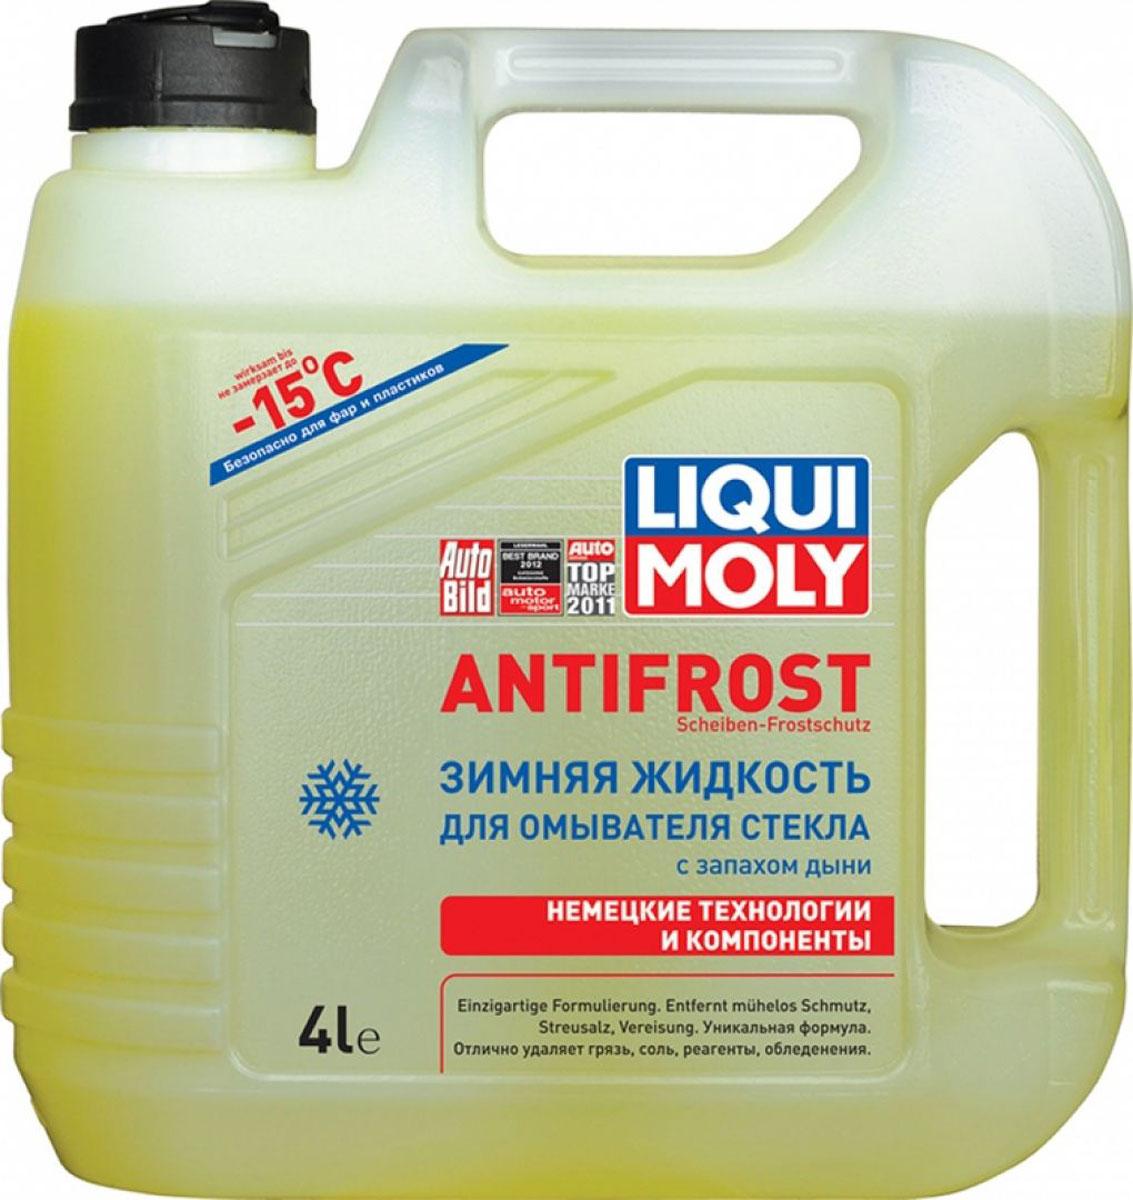 Жидкость для омывателя LiquiMoly Antifrost Scheiben-Frostschutz -15, зимняя, 4 лHG 5647Стеклоомывающая жидкость для использования в зимний период при температуре до -15 °С с ароматом Дыни. Рекомендуется к использованию в начале и конце зимы.